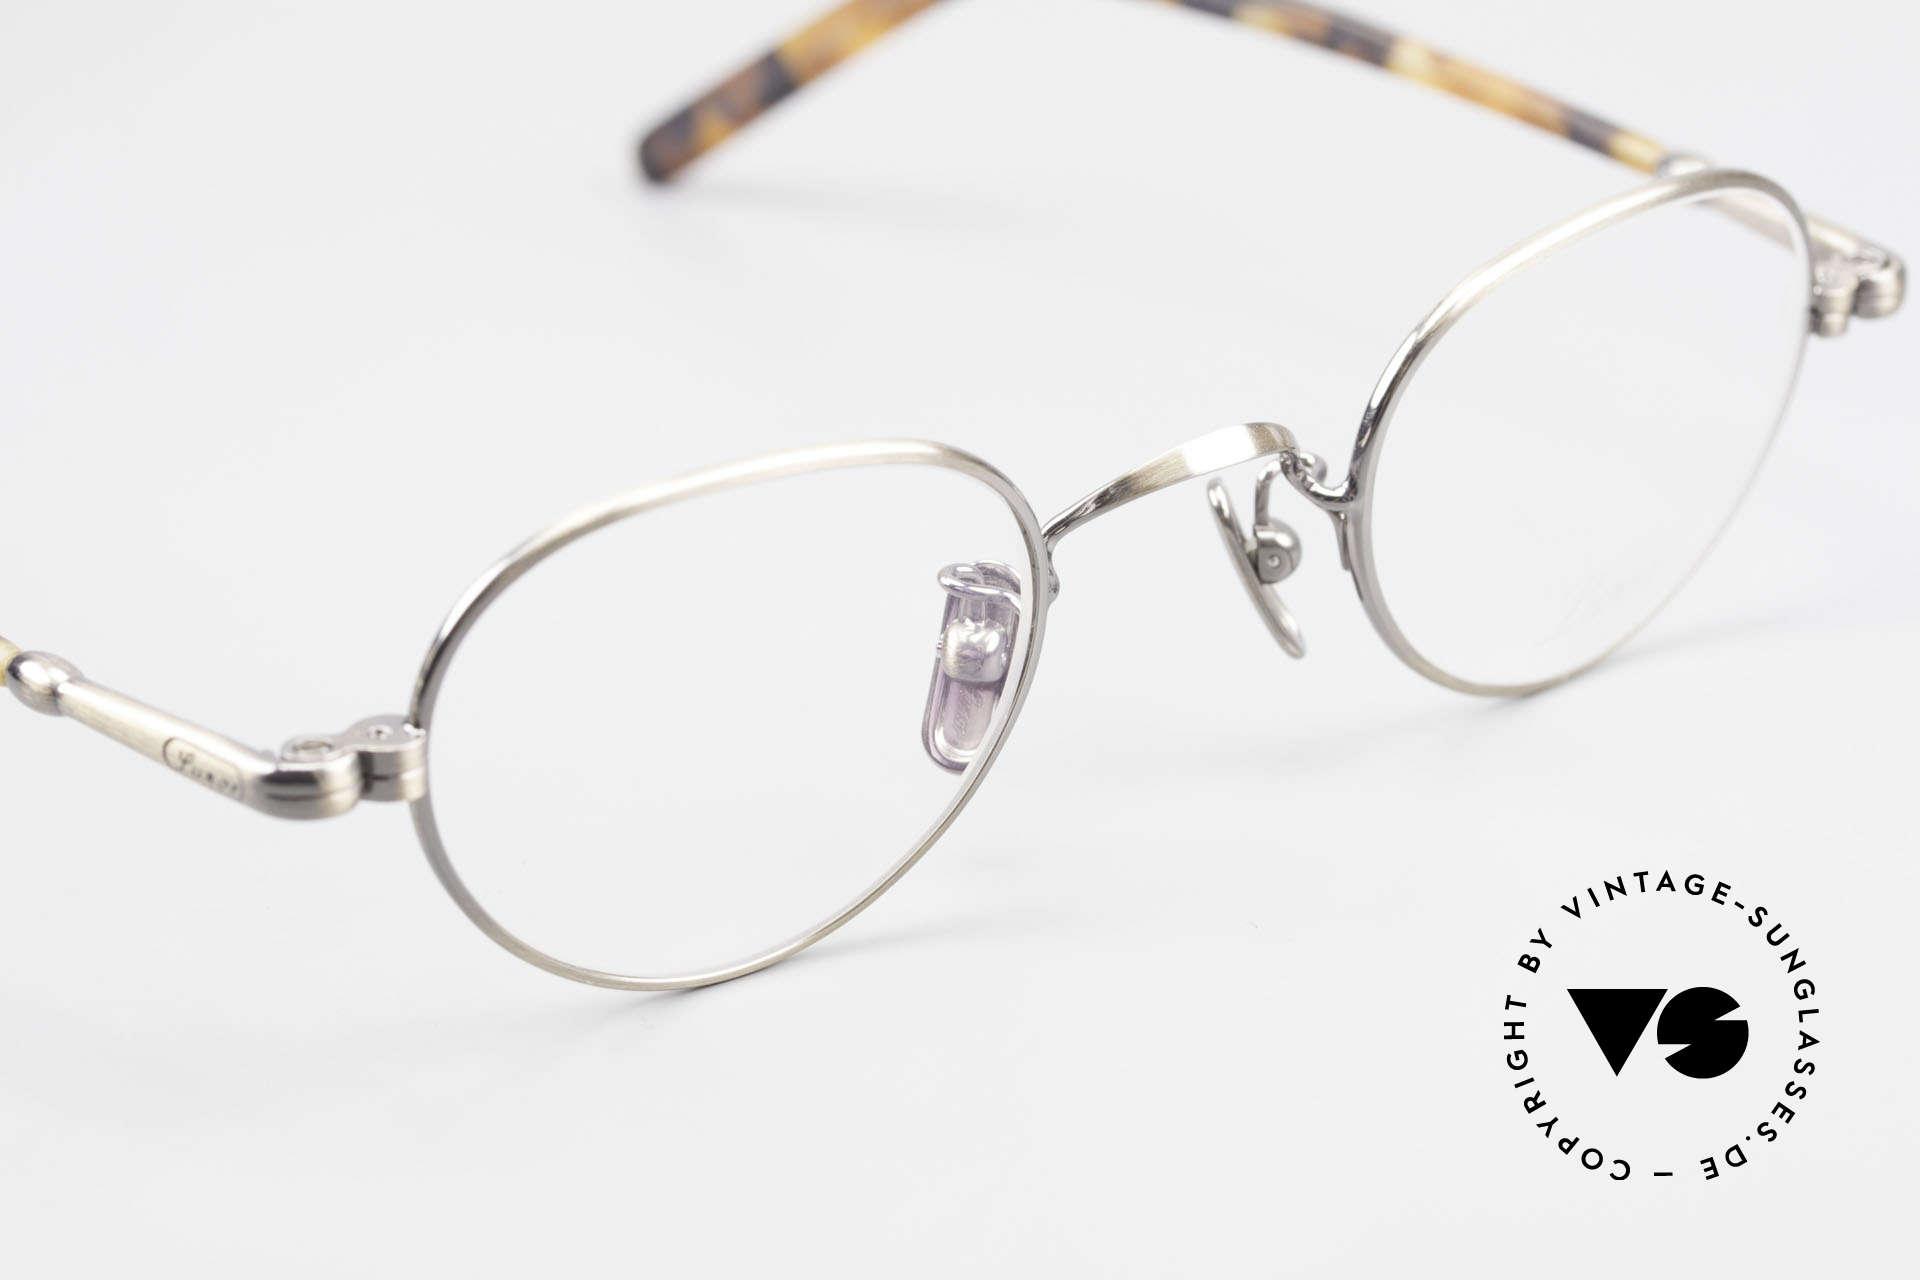 Lunor VA 103 Lunor Brille Altes Original, Nasenpads aus reinem Titan; in SMALL Größe 40/23, Passend für Herren und Damen